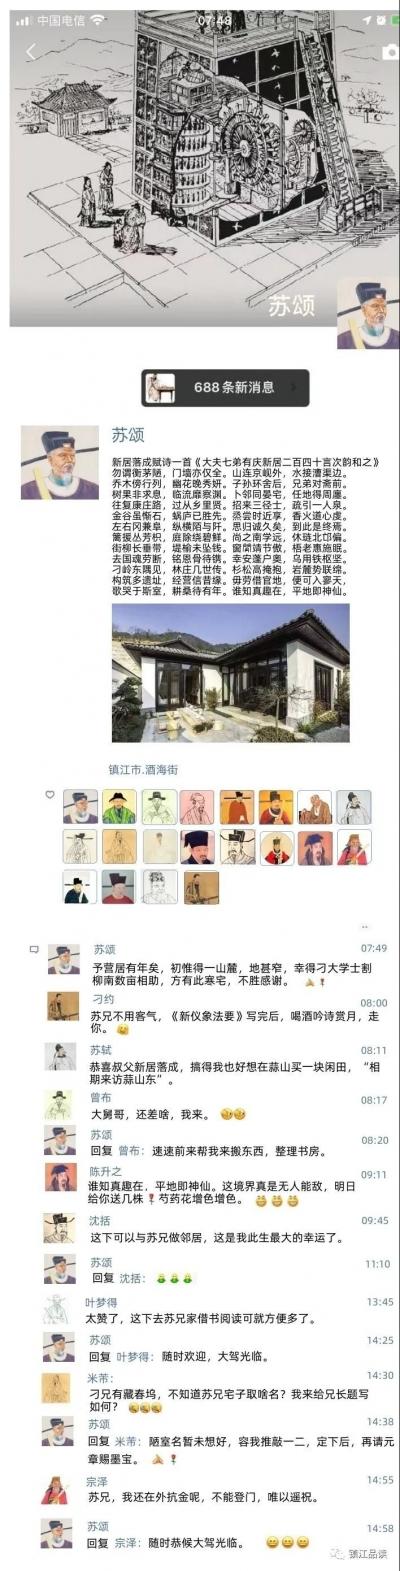 """苏颂在镇江修了宅邸,发了个""""朋友圈"""",结果火了……"""